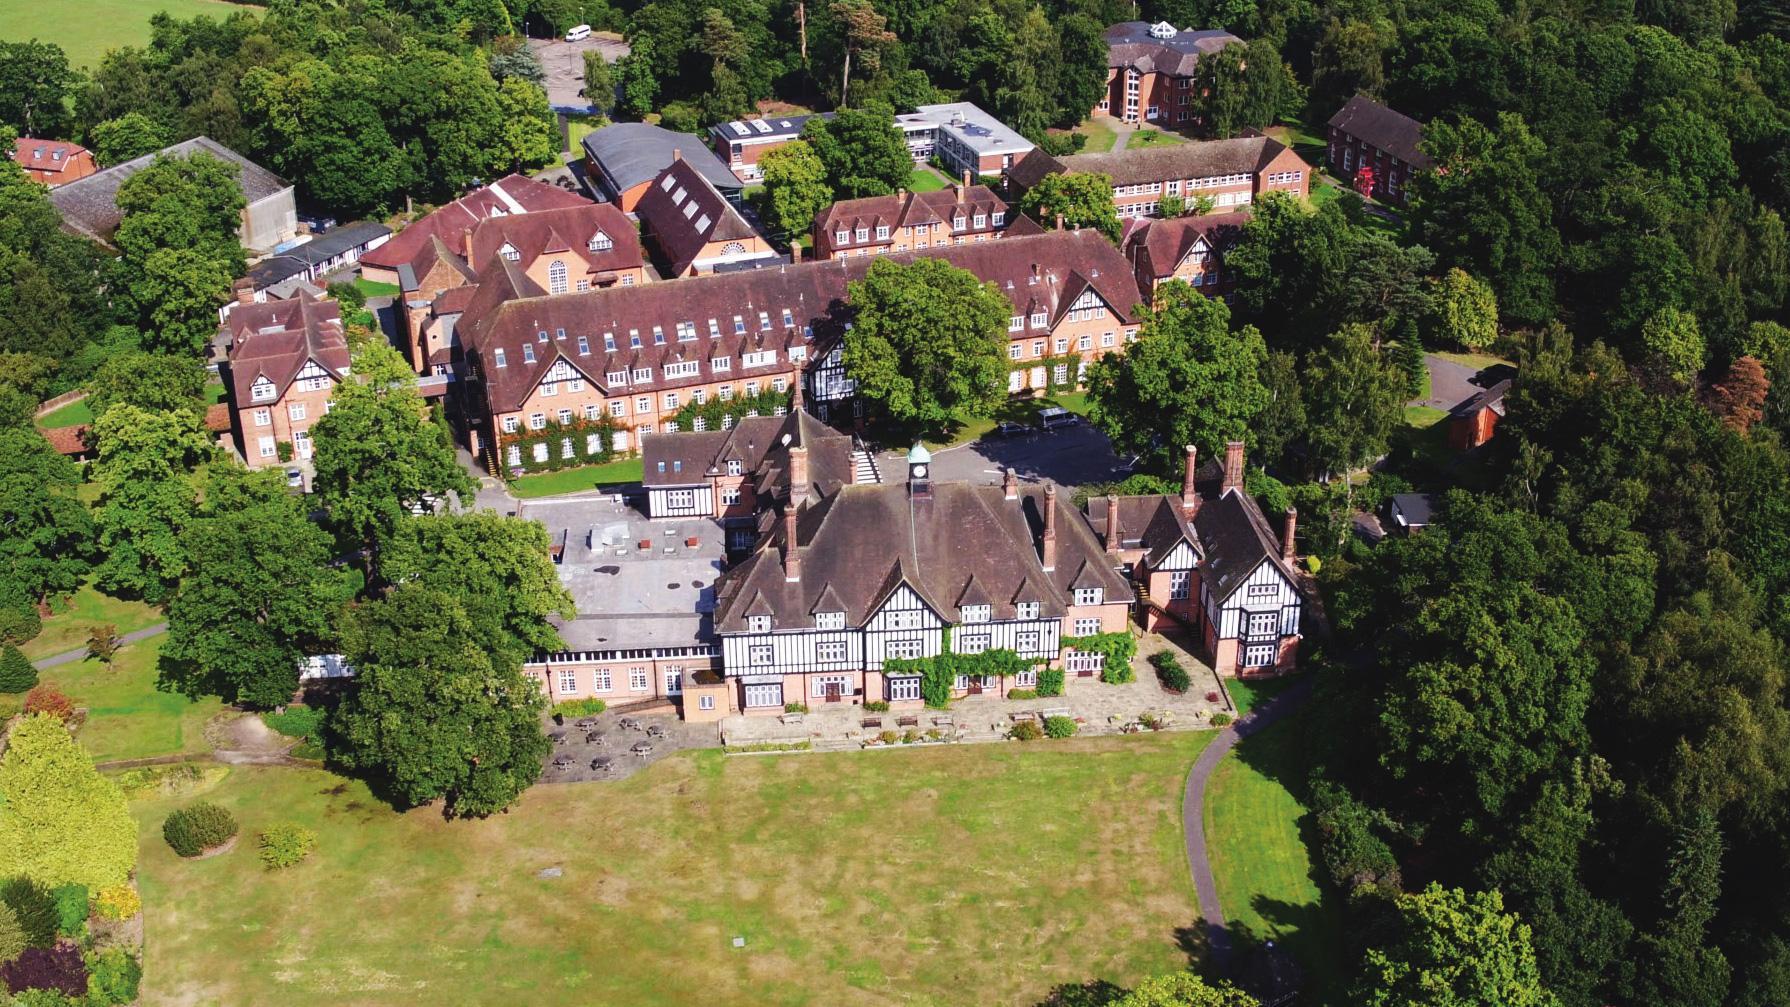 LINES Queenswood School